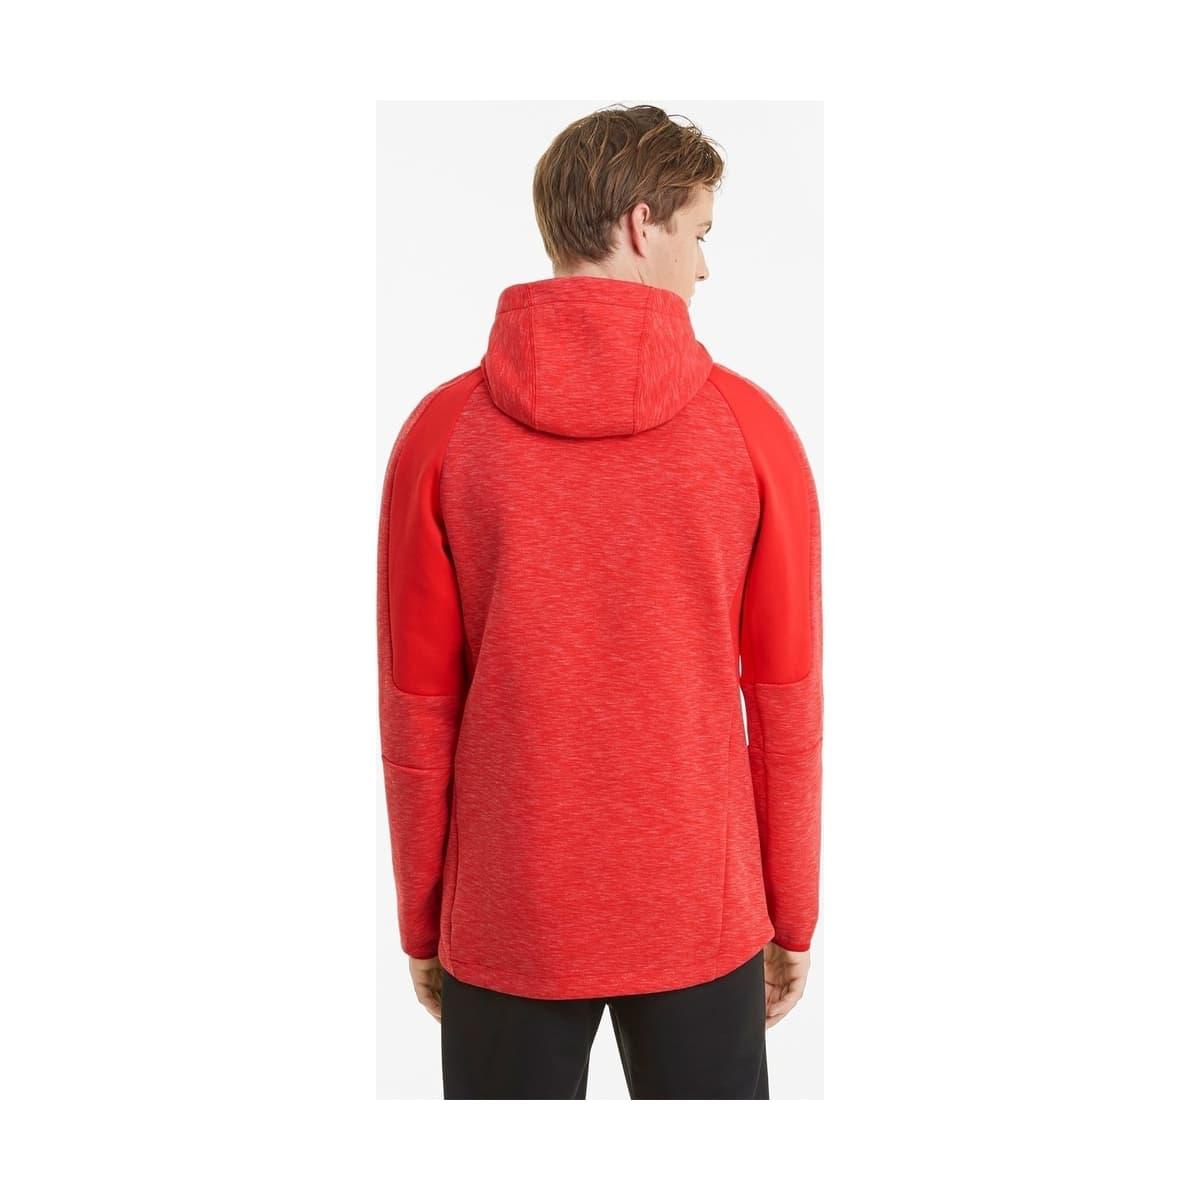 Evostripe Erkek Kırmızı Sweatshirt (585809-11)